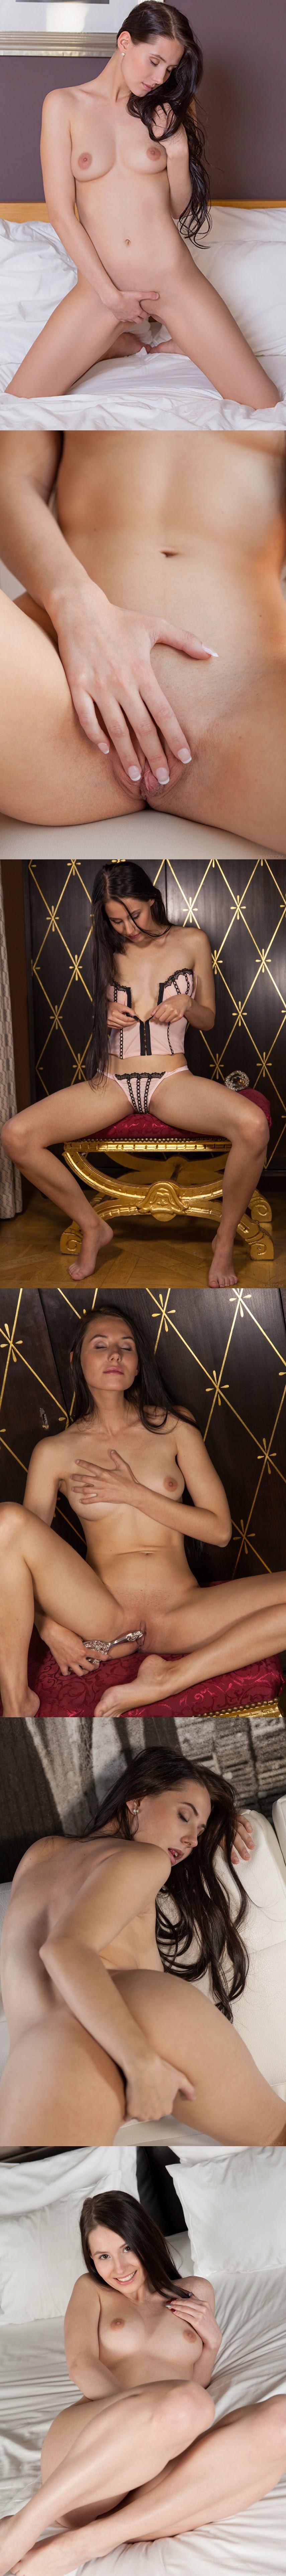 Sexart  Vanessa Angel sexy girls image jav